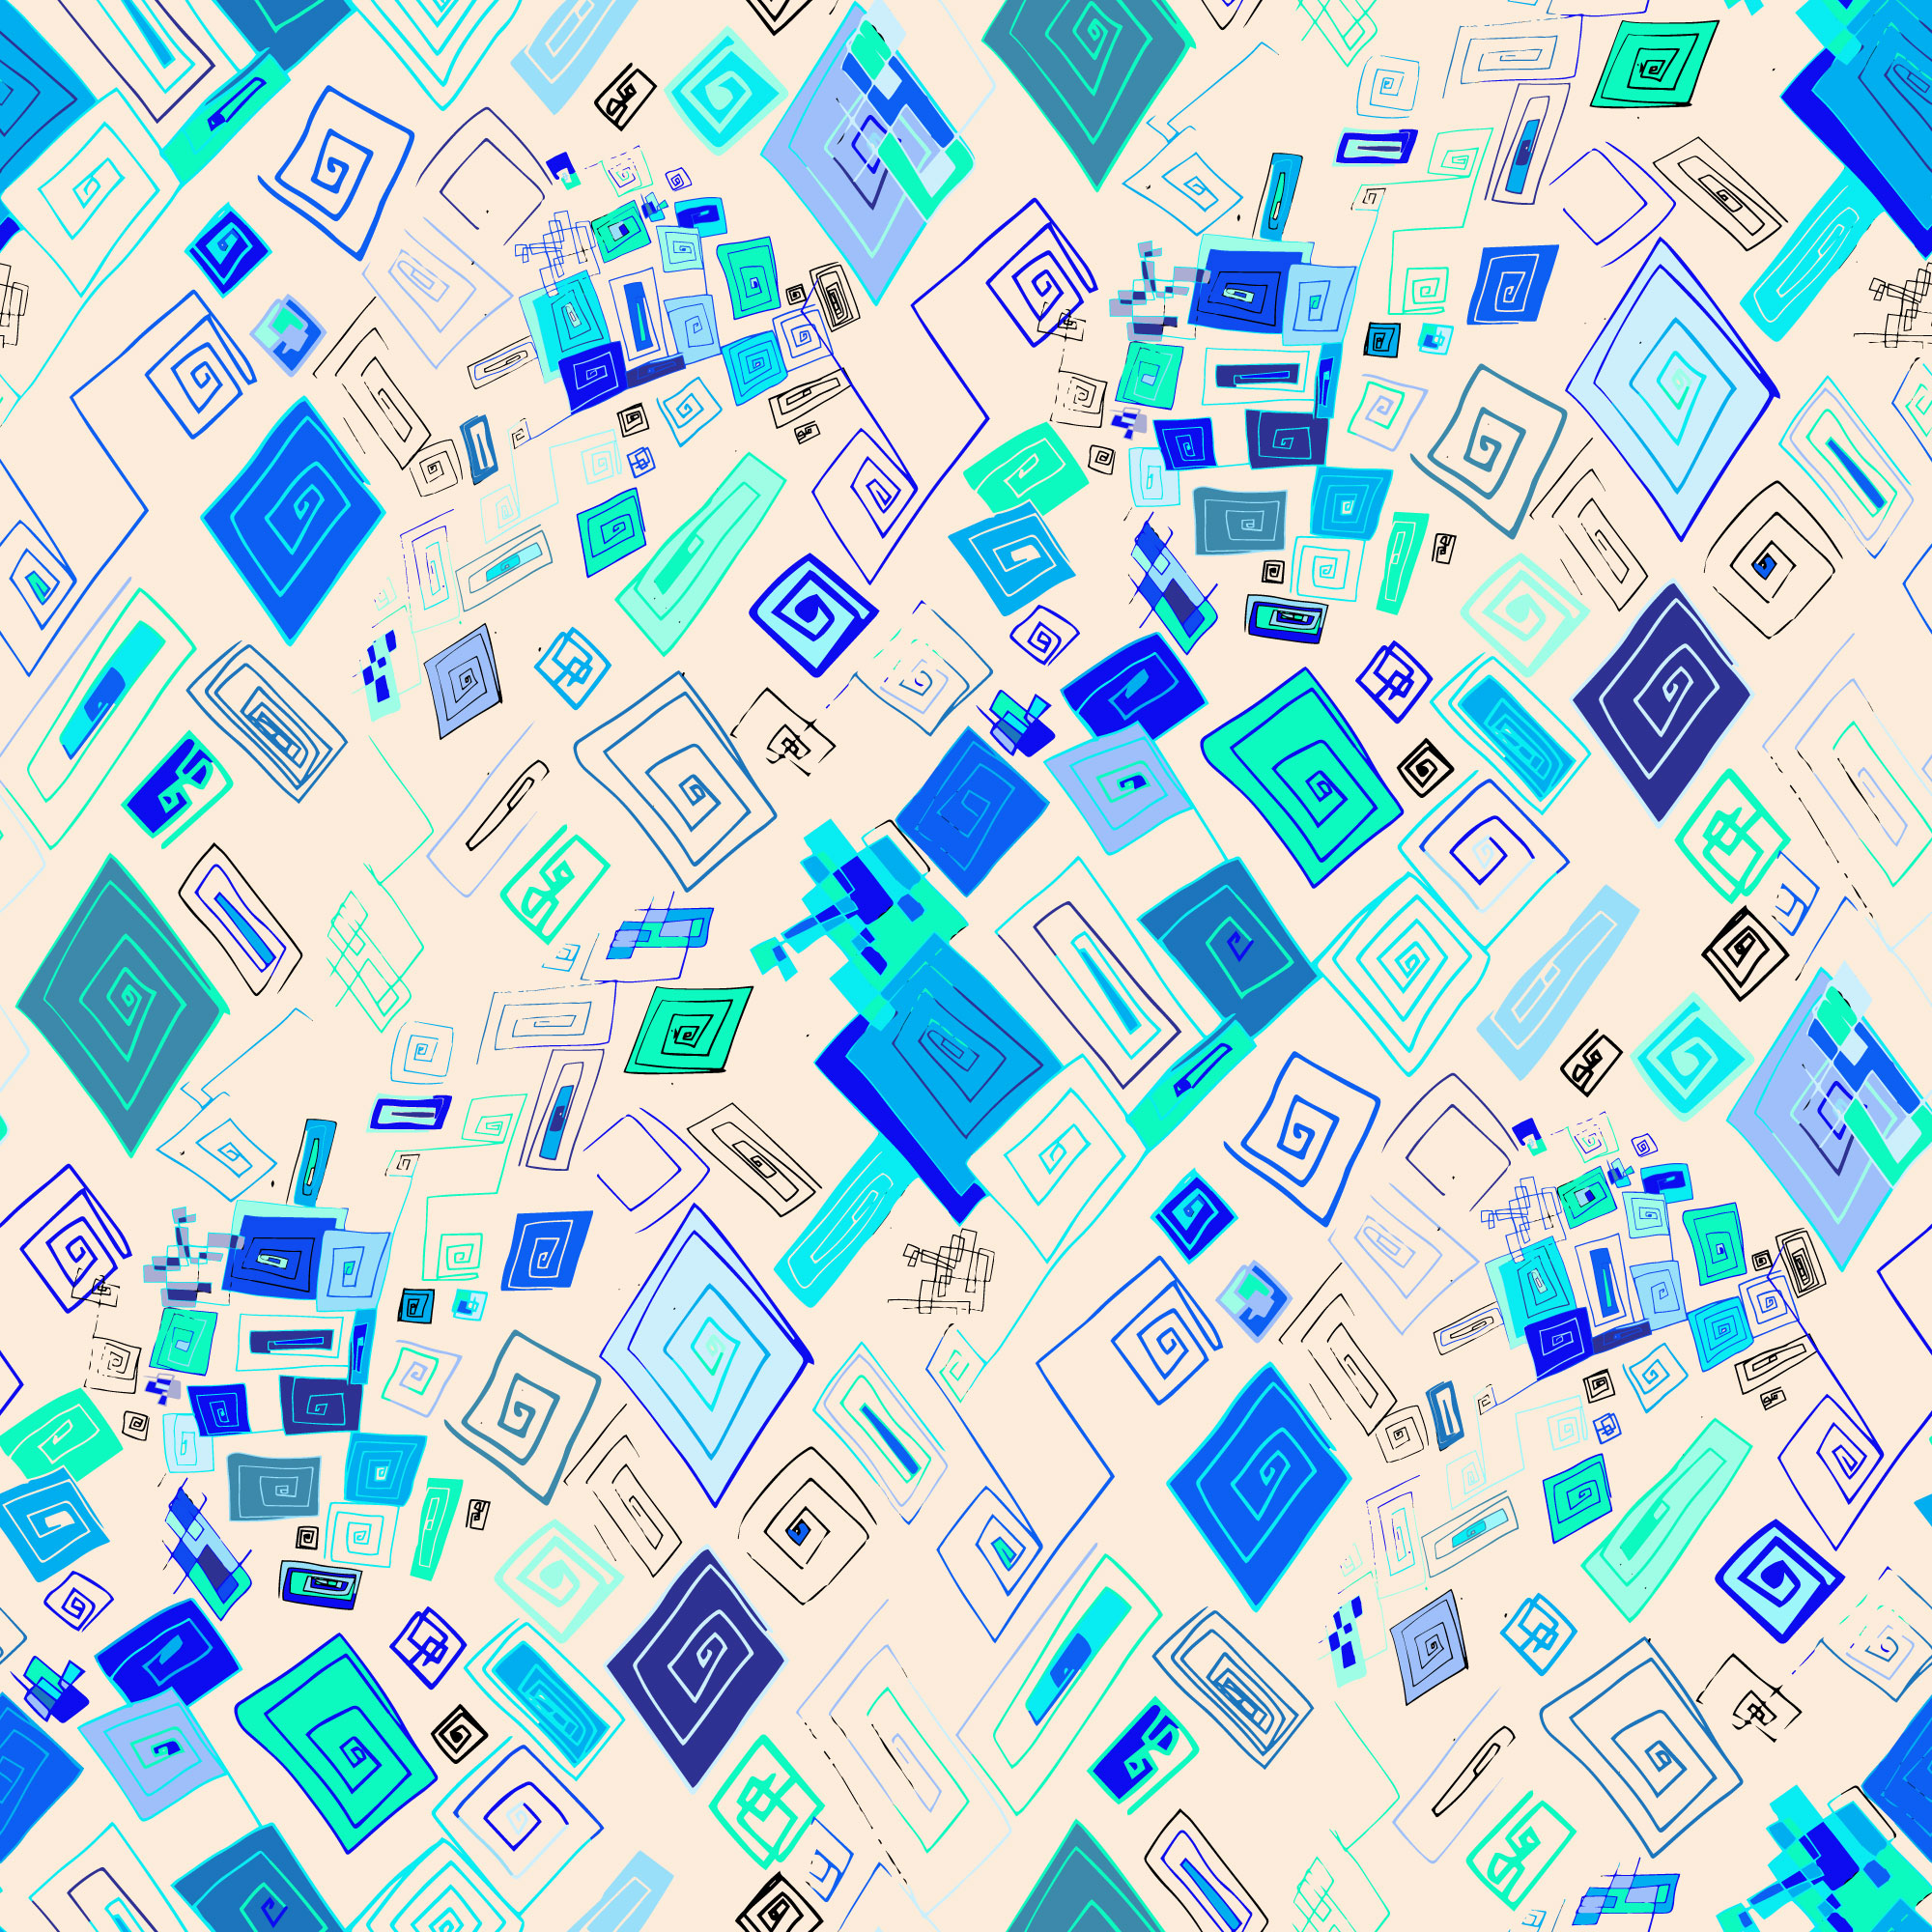 Mike-maze-2-cream-for-webby.jpg